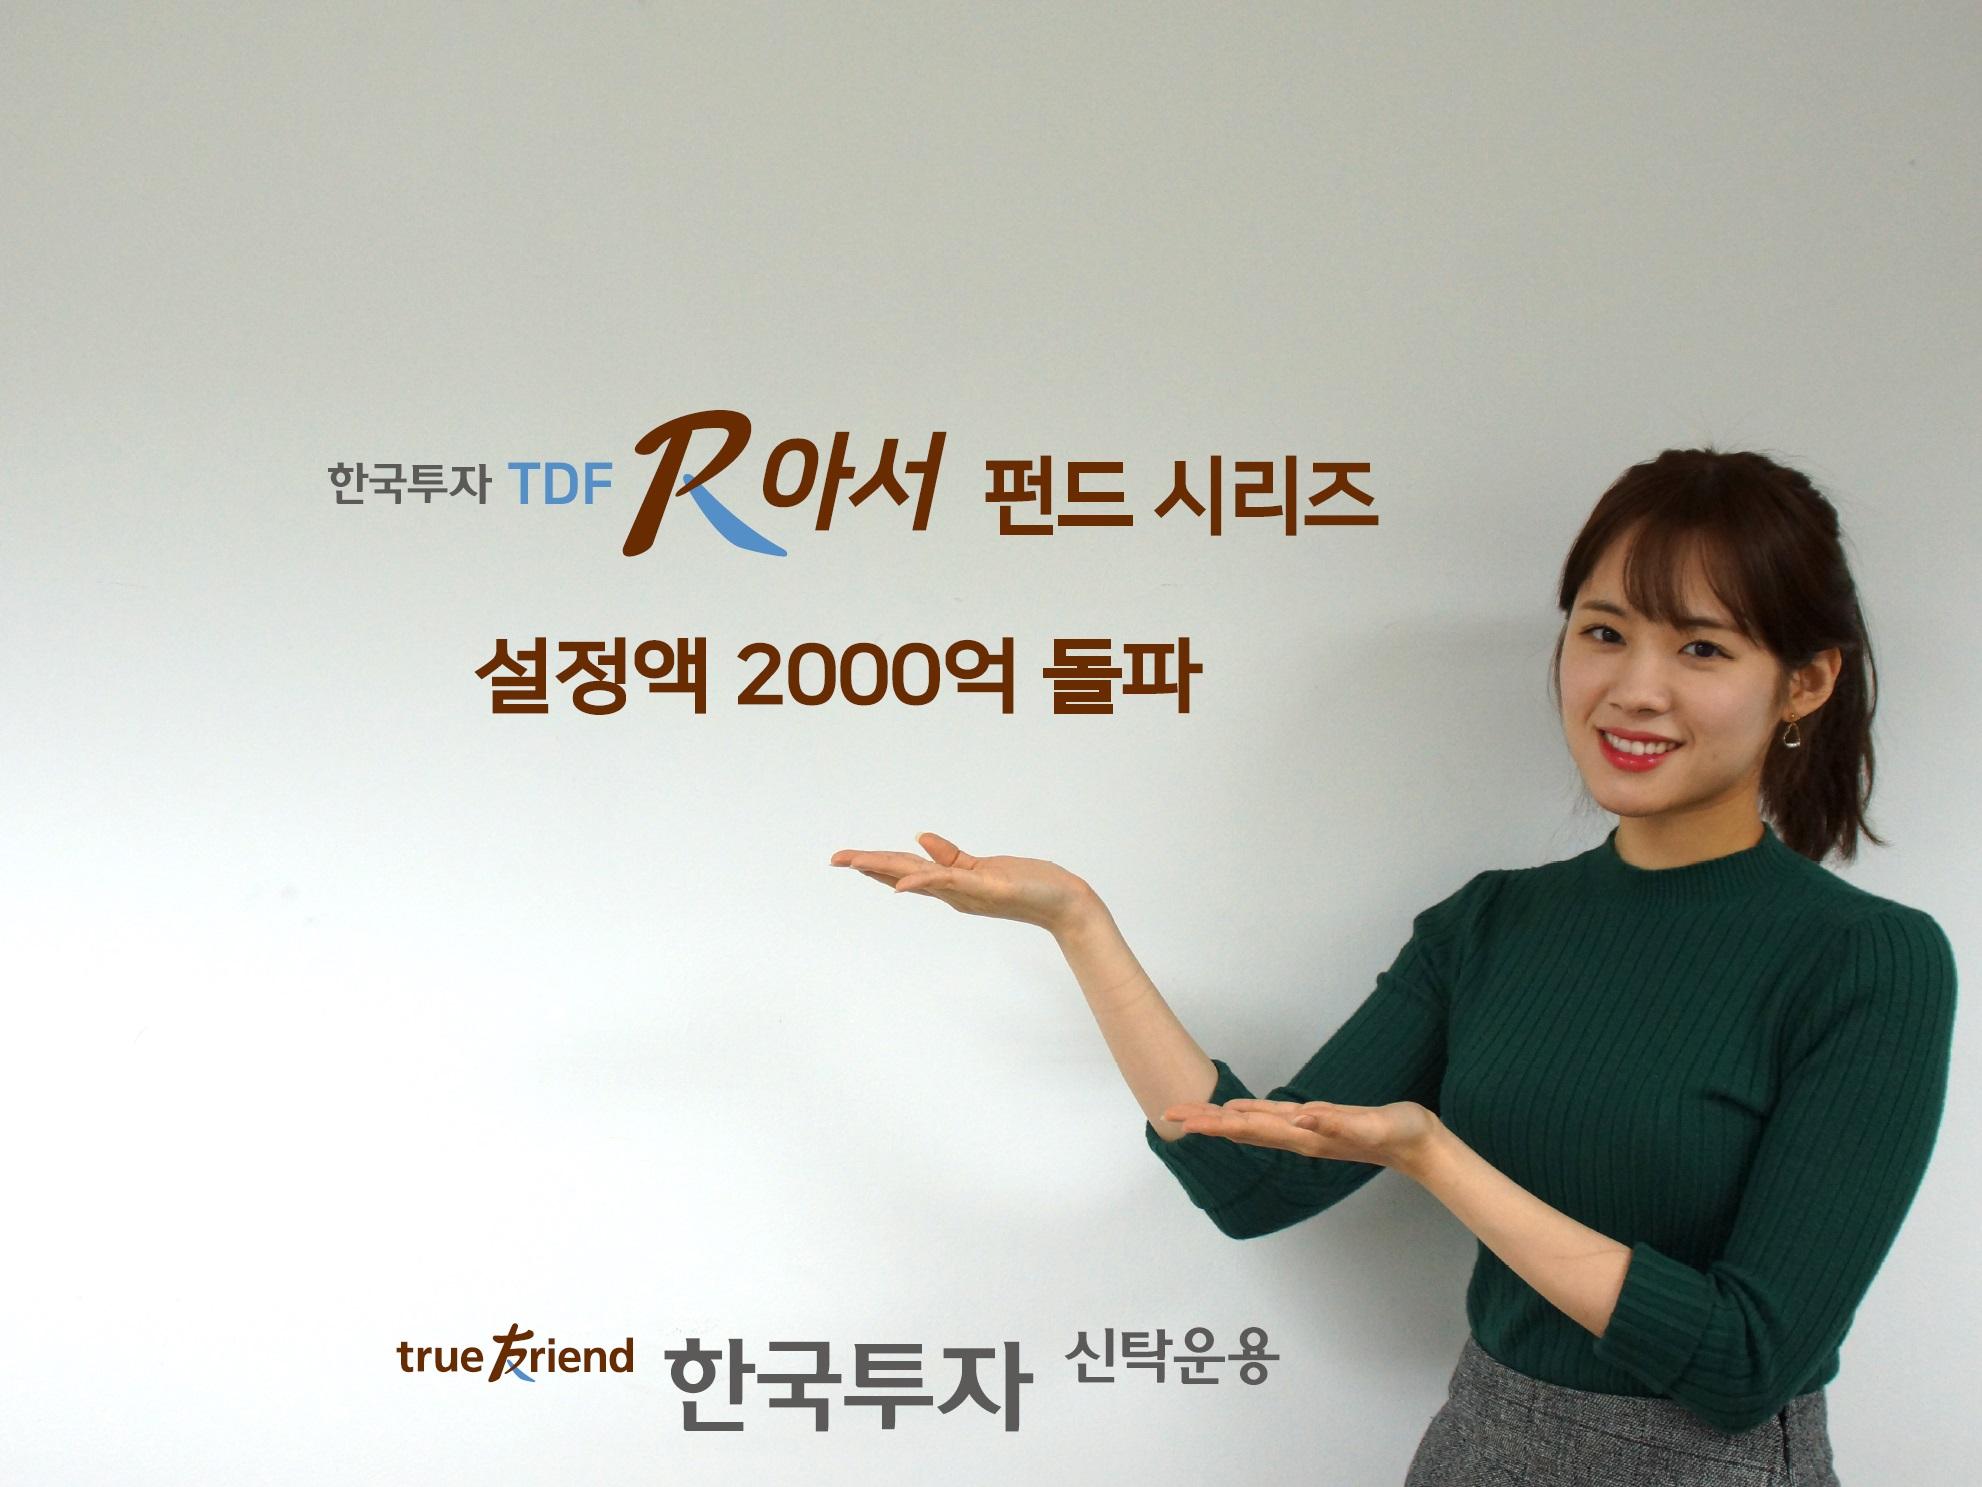 '한국투자TDF알아서펀드' 출시 1년여 만에 설정액 2천억